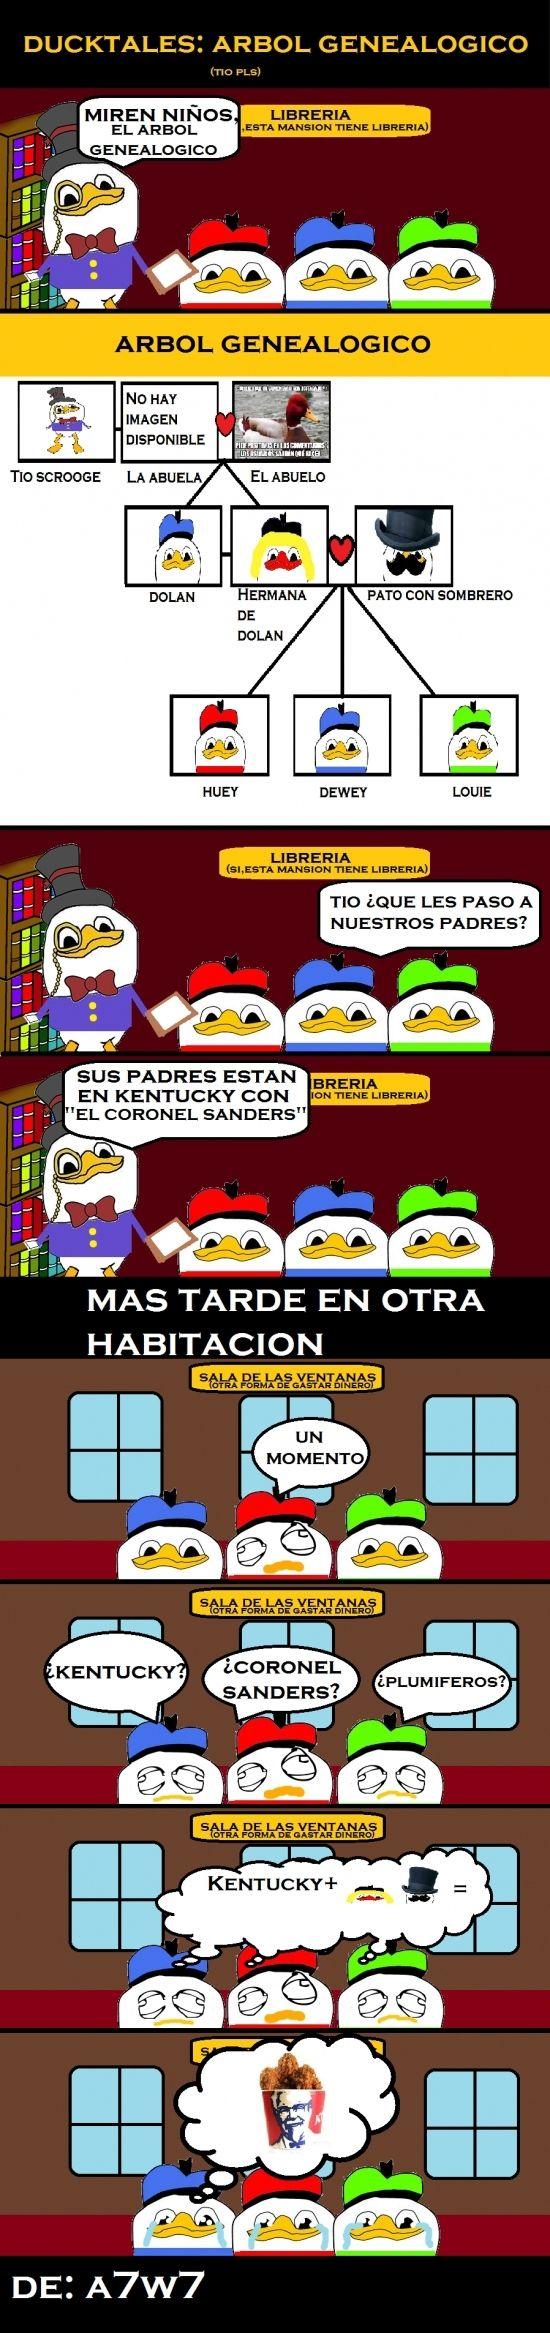 Duck tales: El árbol genealógico        Gracias a http://www.cuantocabron.com/   Si quieres leer la noticia completa visita: http://www.estoy-aburrido.com/duck-tales-el-arbol-genealogico/